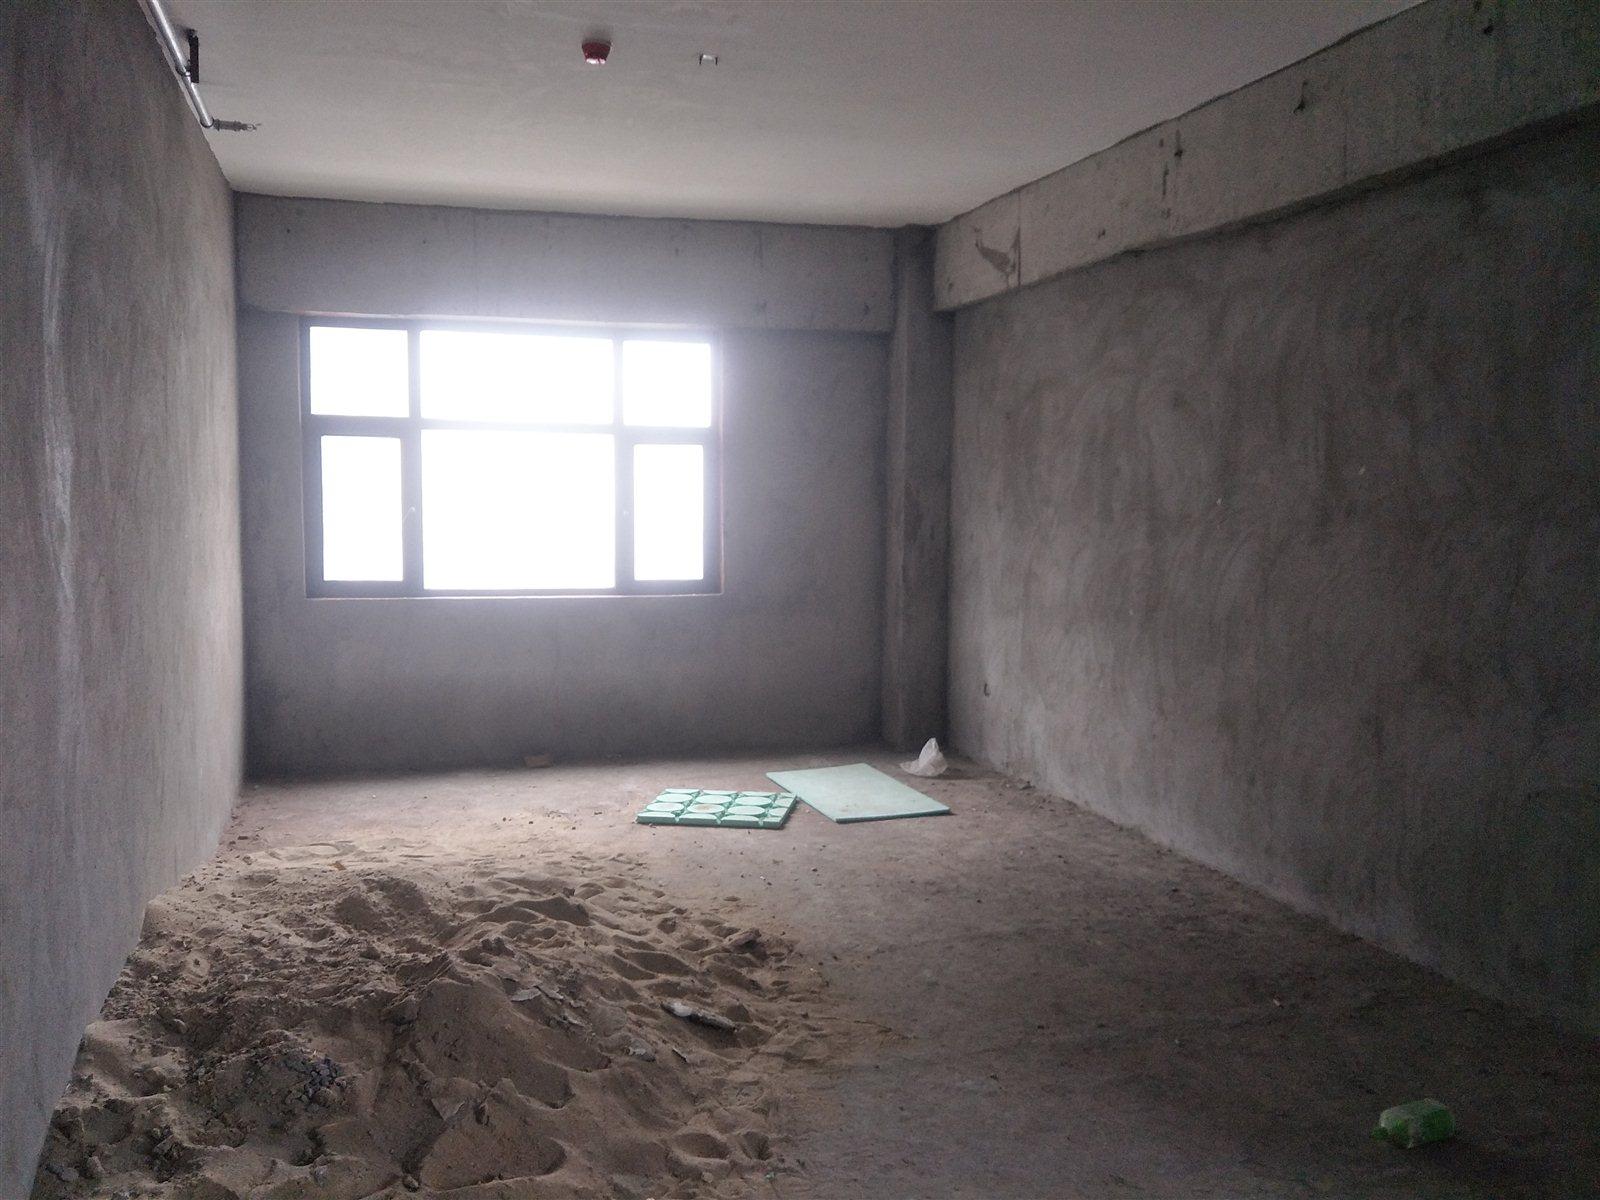 中茂理想城1室1厅1卫21.9万元